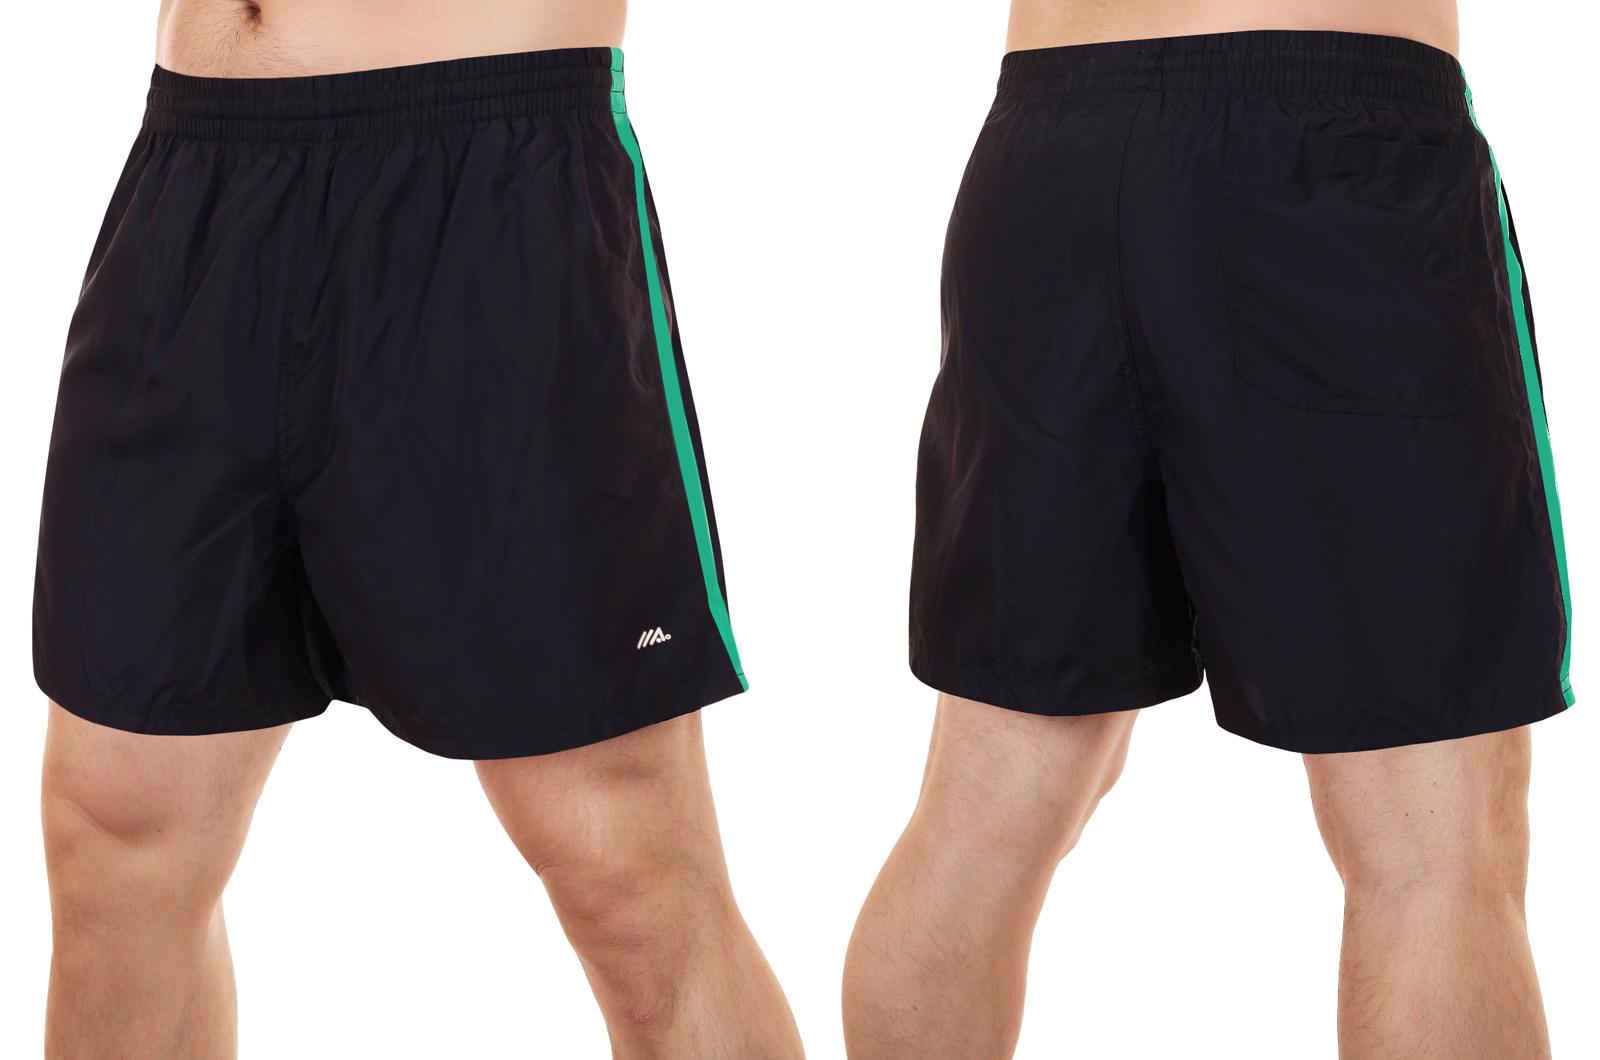 Заказать клёвые шорты мужские для купания и спорта от MACE (Канада)